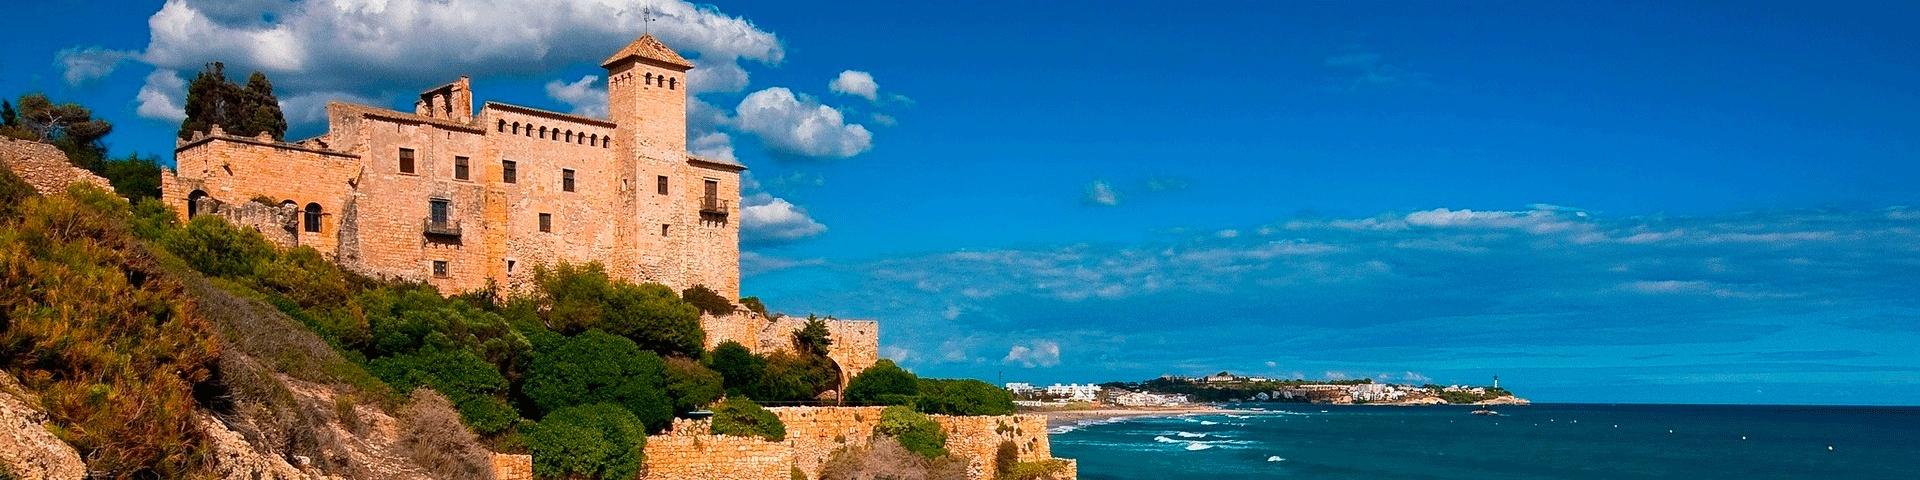 Comprar casa en Tarragona, Agencia inmobiliaria en la Costa Dorada